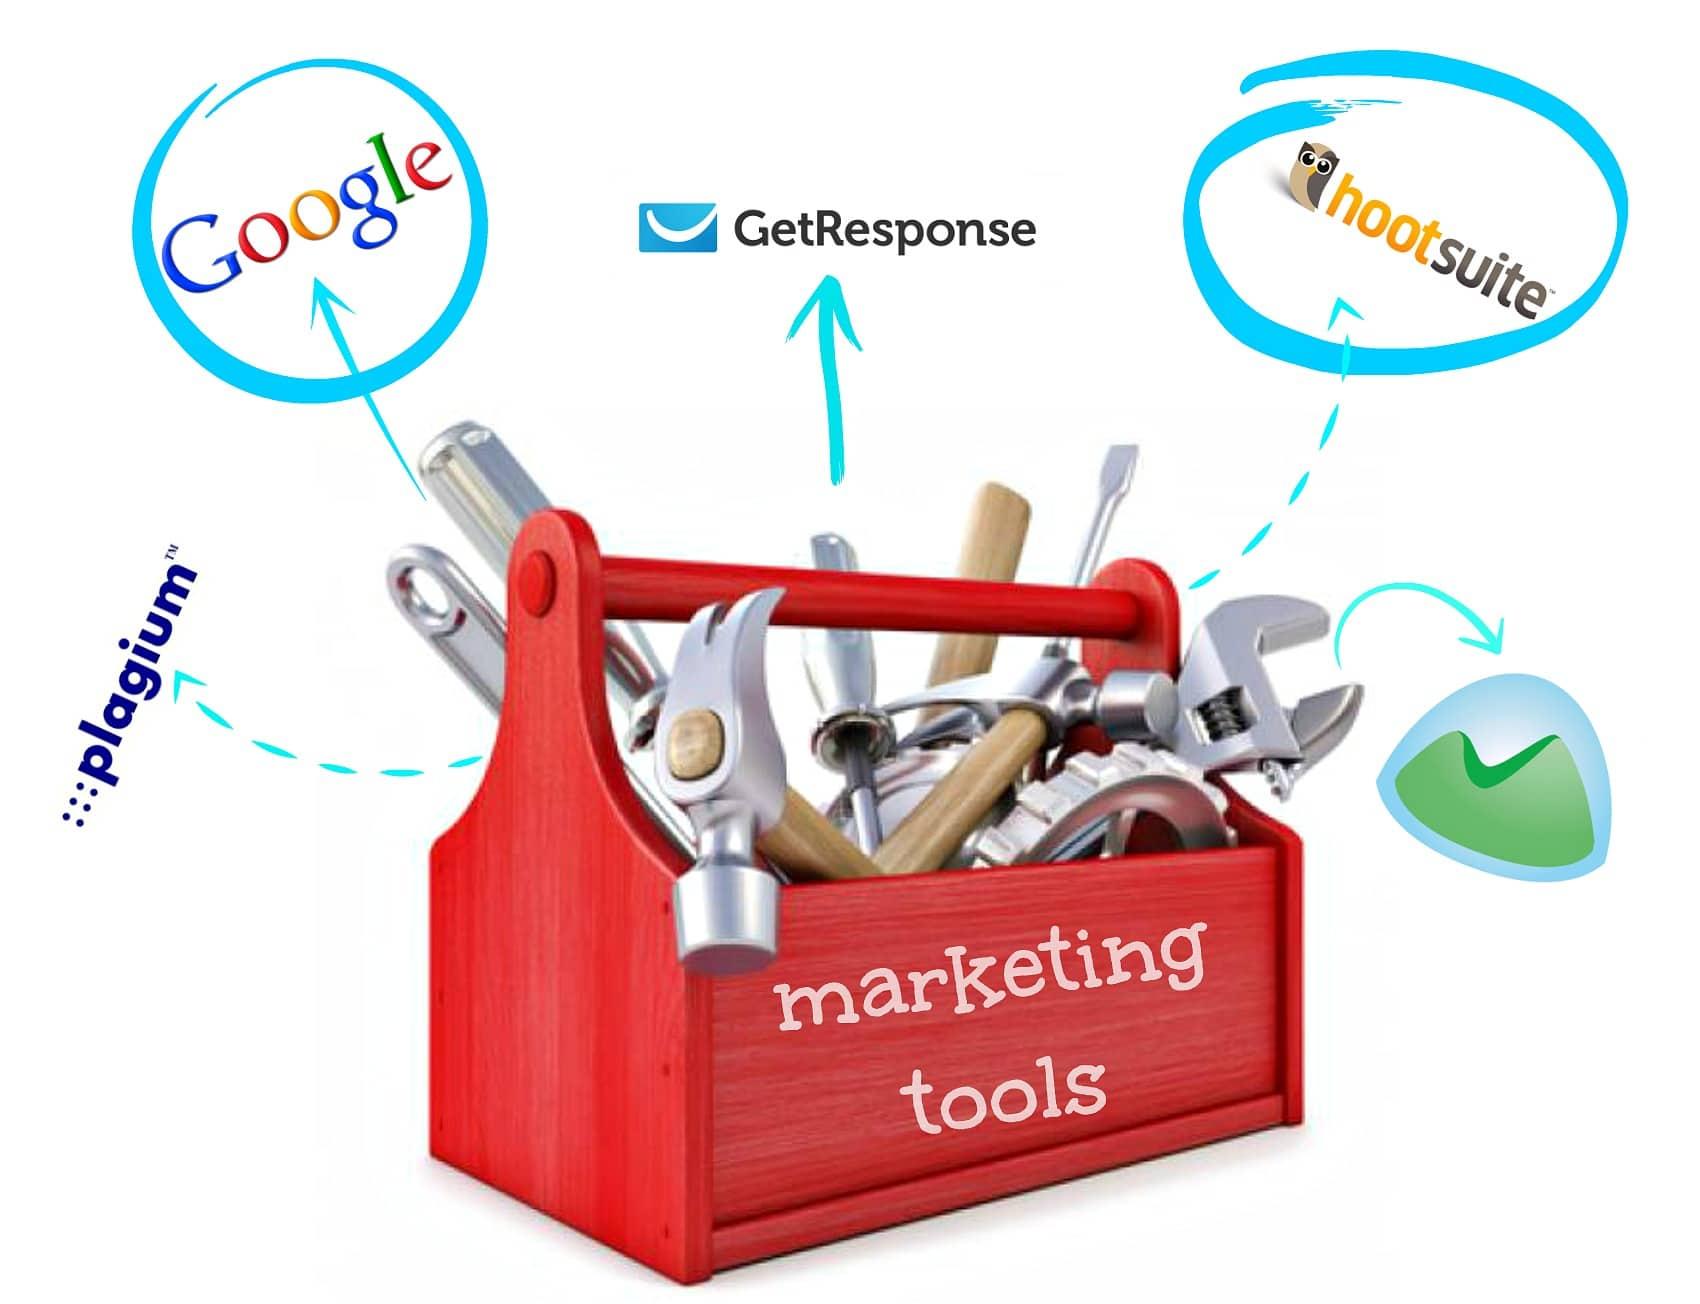 26 fantastici tool per fare marketing